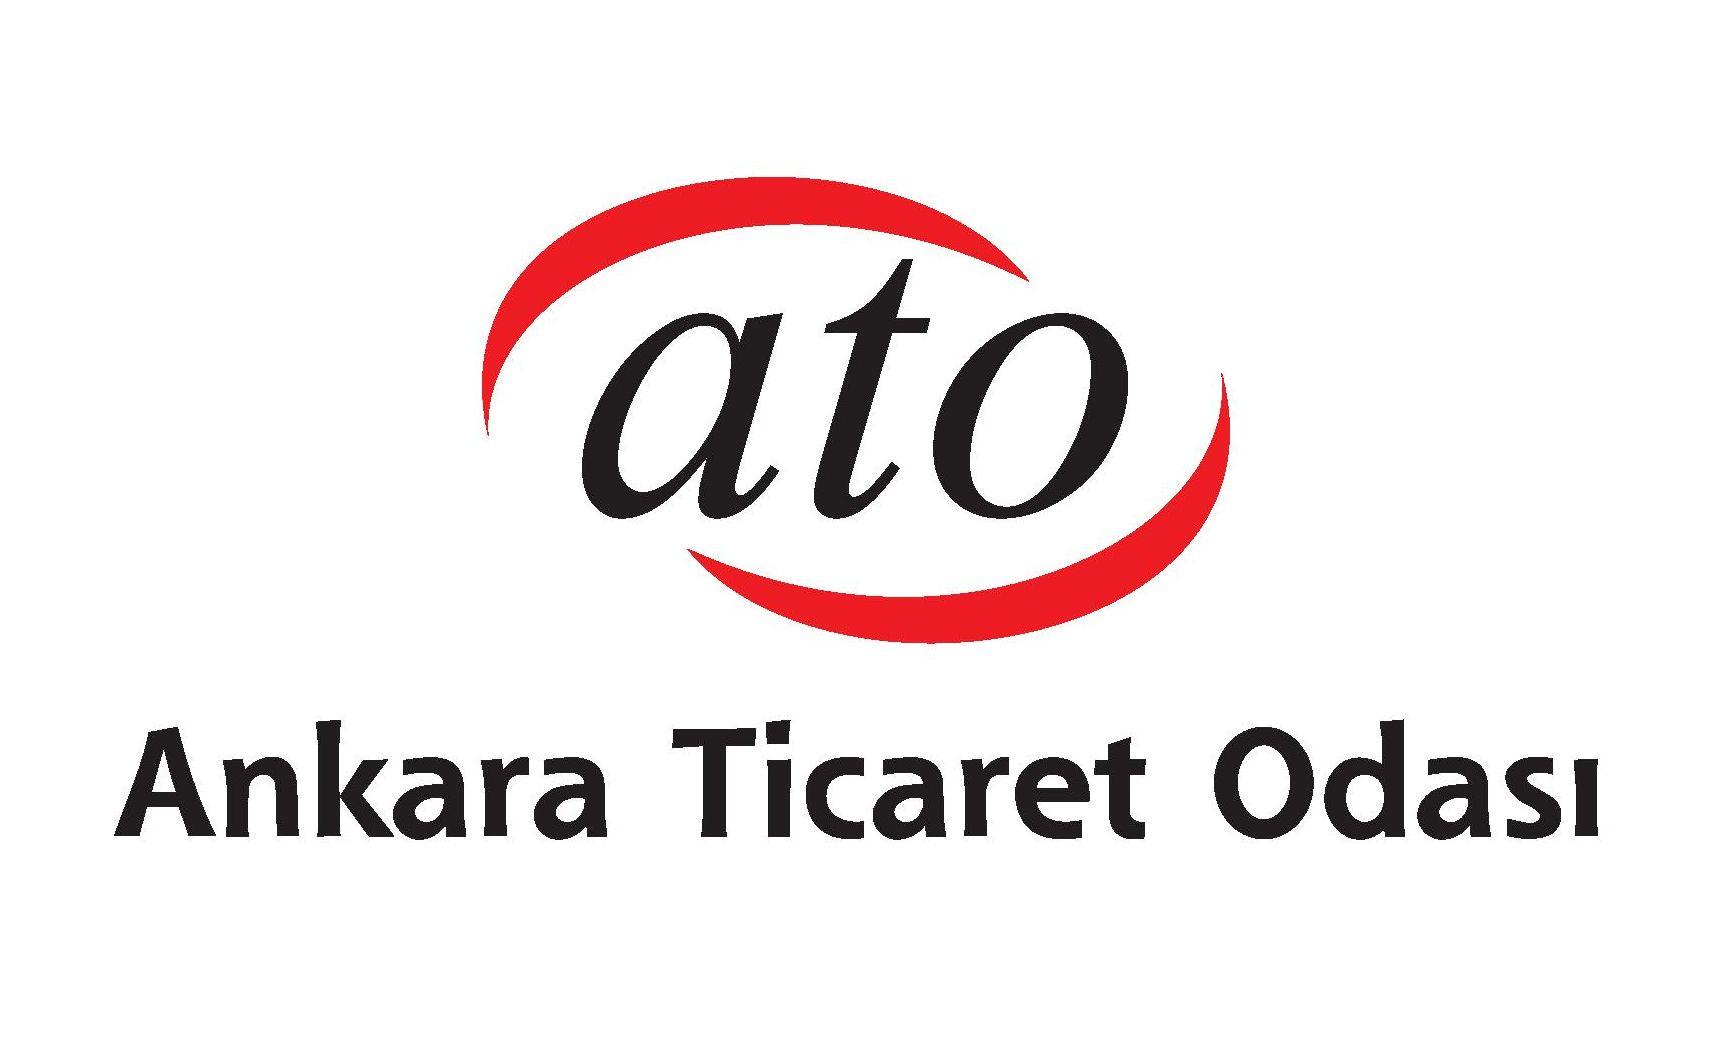 ATO çağrı merkezi anında çözüm için çalışıyor